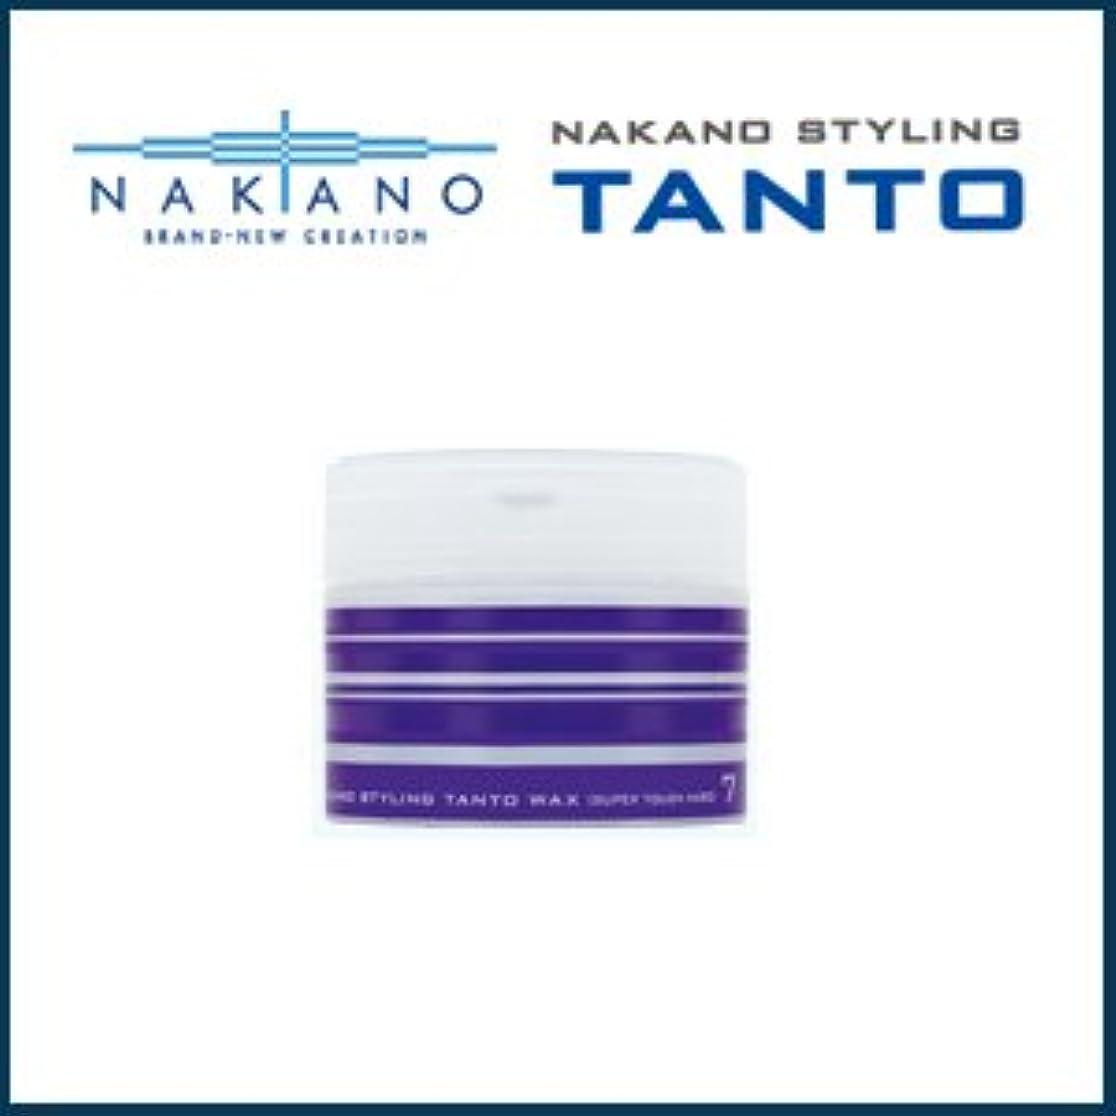 役割立場デッド【X2個セット】 ナカノ タント Nワックス 7 スーパータフハード 90g 容器入り